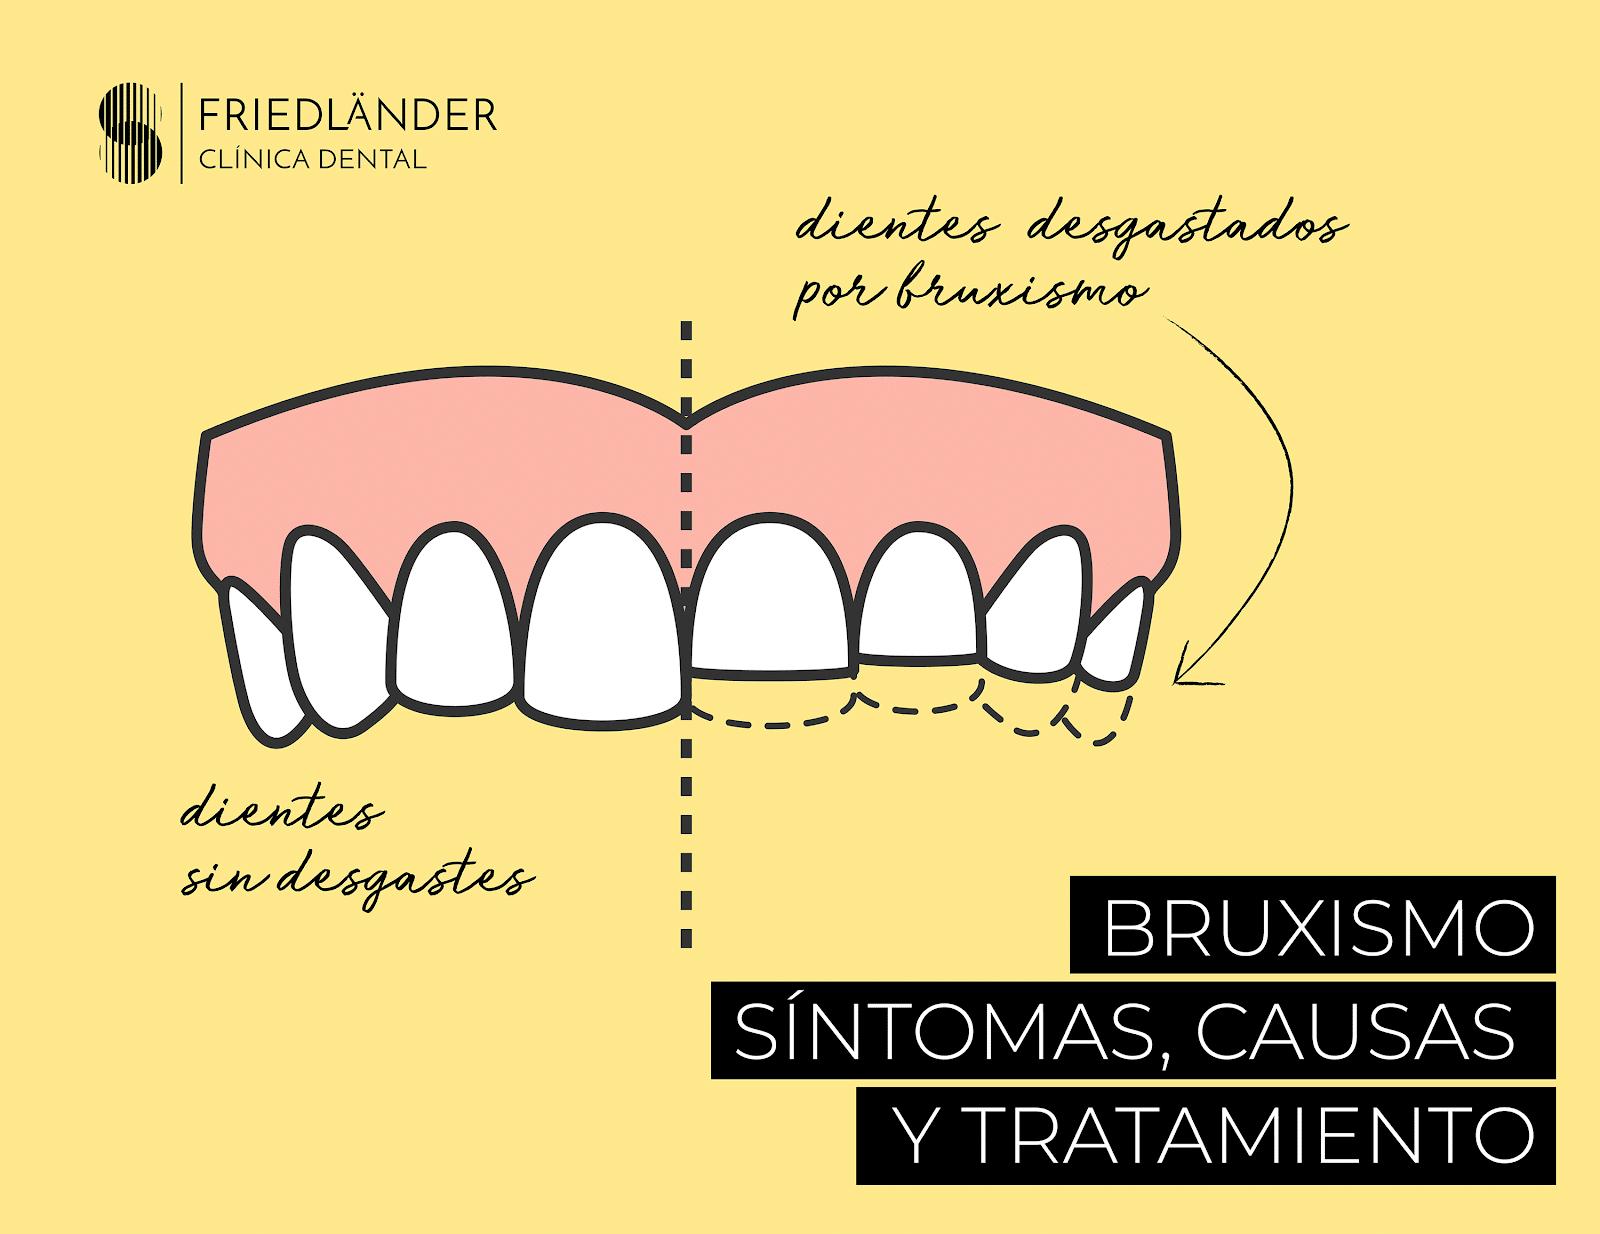 Bruxismo: Síntomas, causas y tratamiento 2